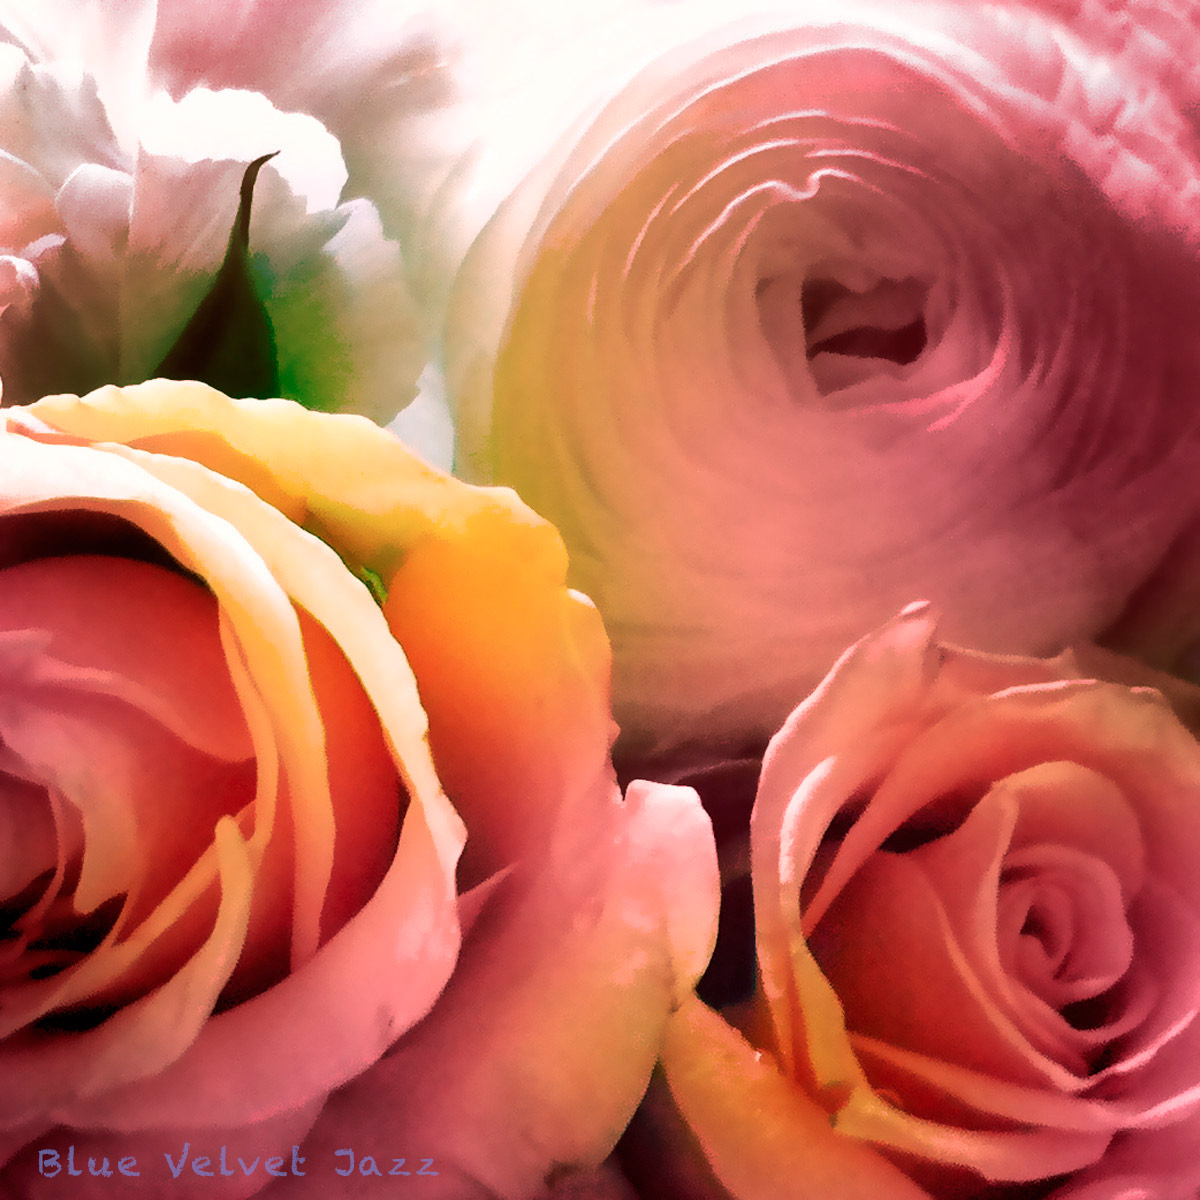 Blue Velvet Jazz flowers 1